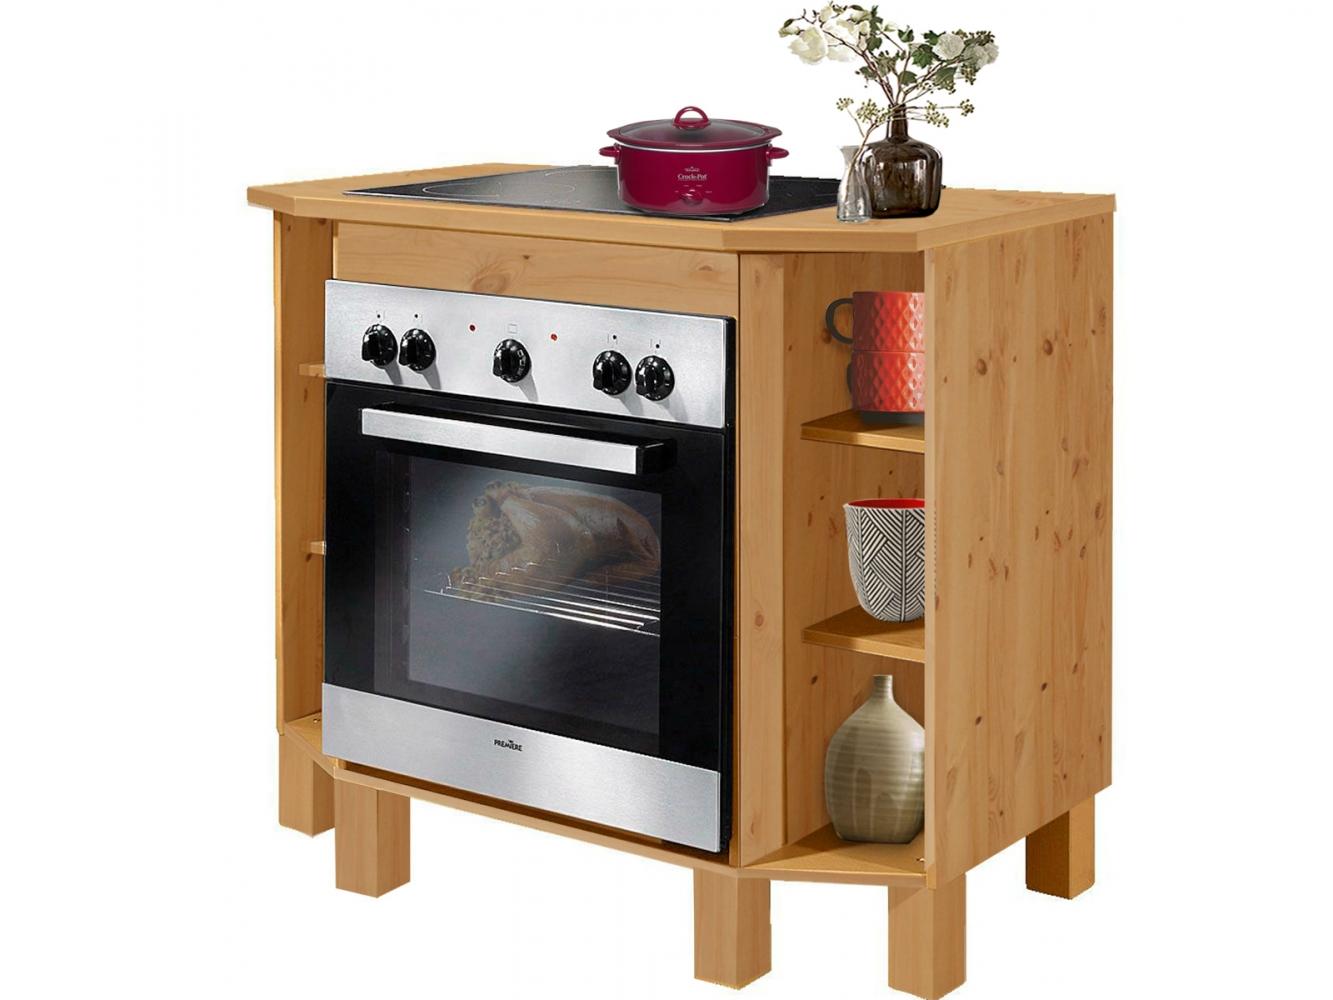 Kuchyňská skříň na vestavěnou troubu Tyle I., 100 cm, borovice